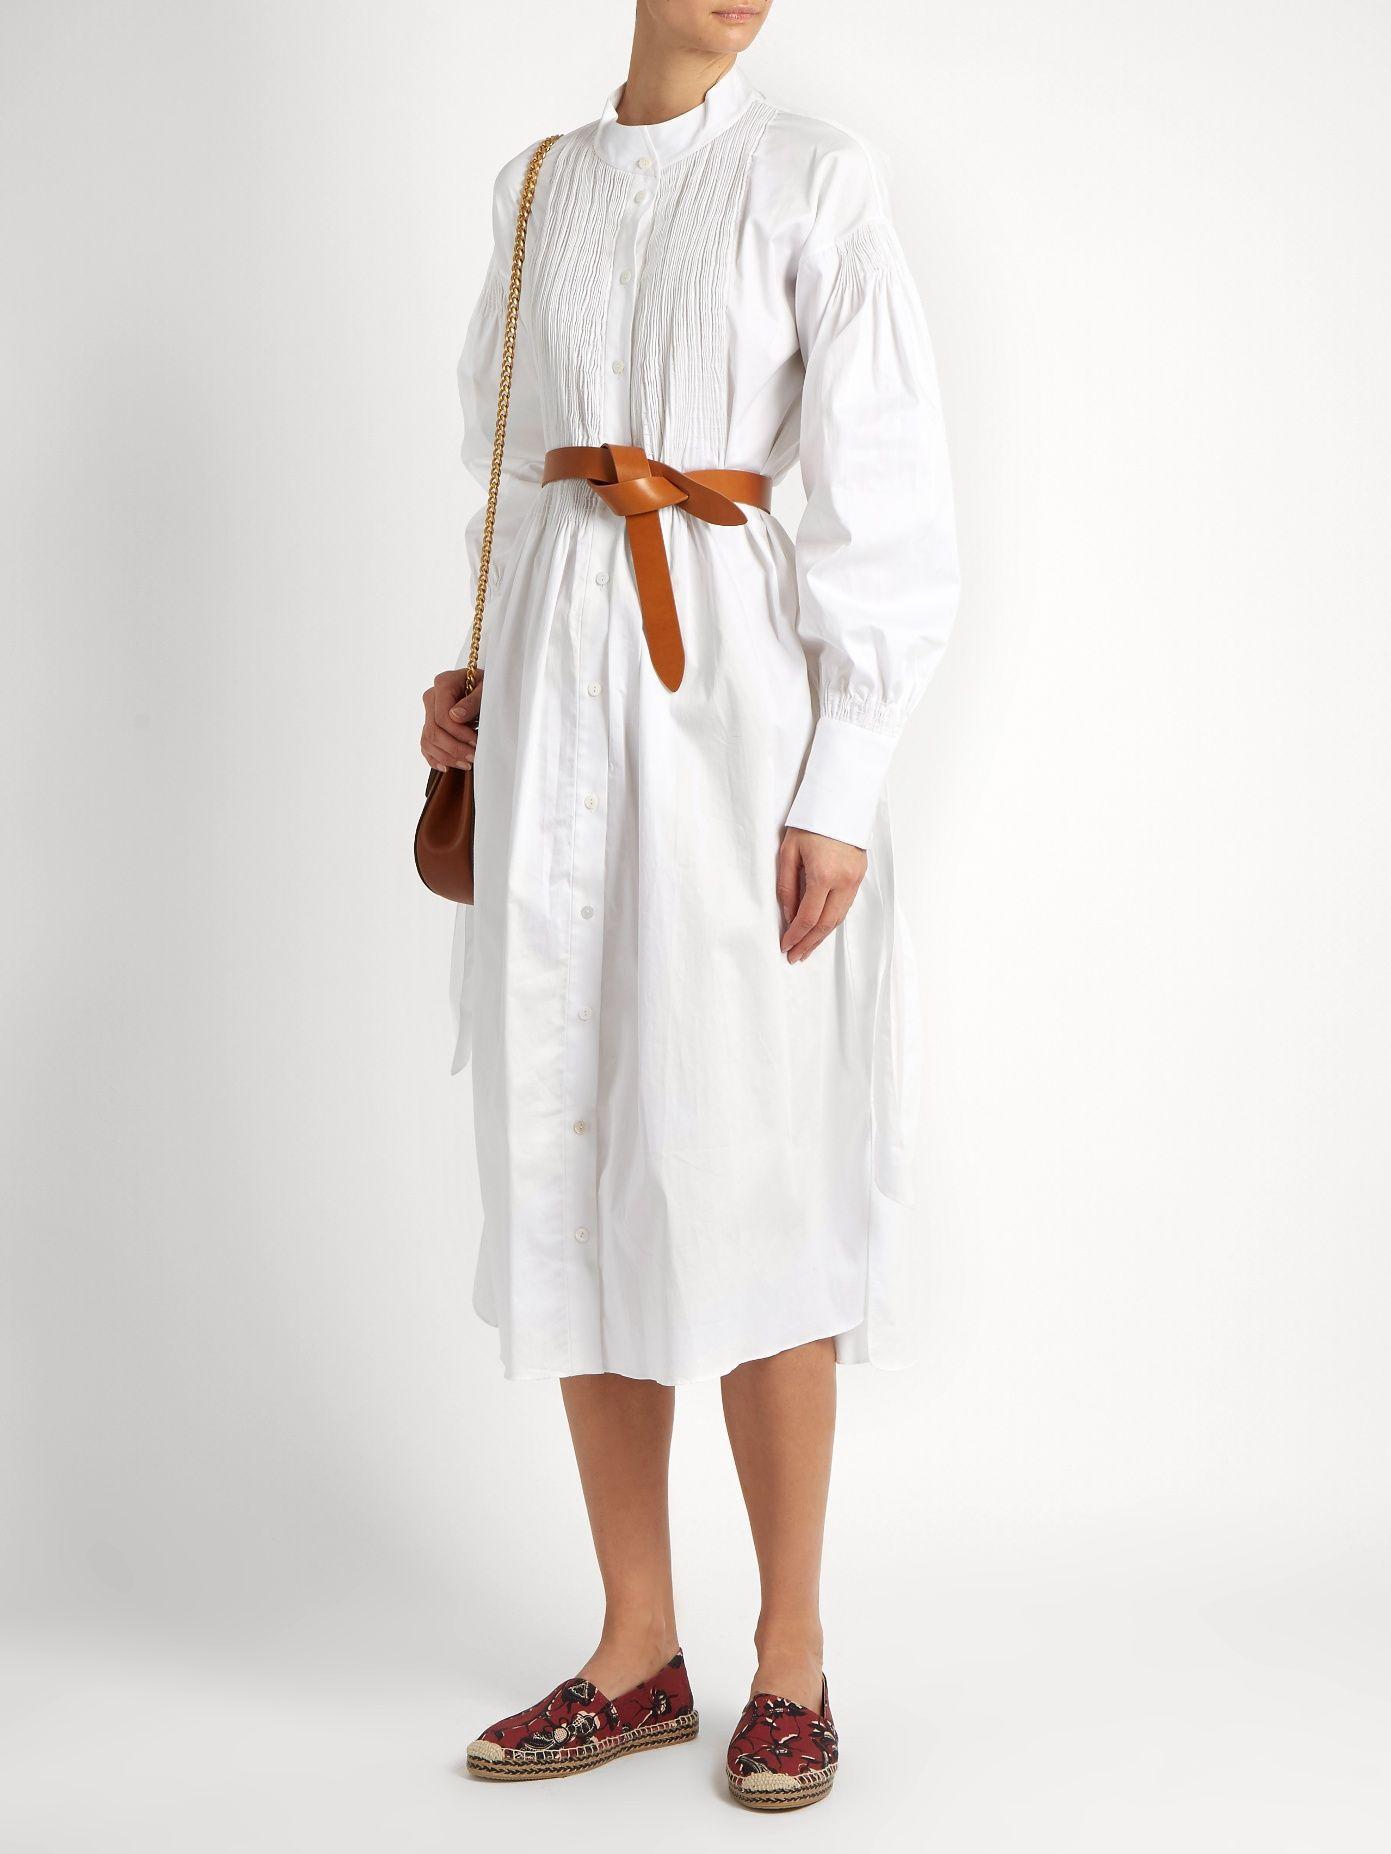 9a06b62a2c9 Lecce leather knot waist belt | Isabel Marant Étoile ...